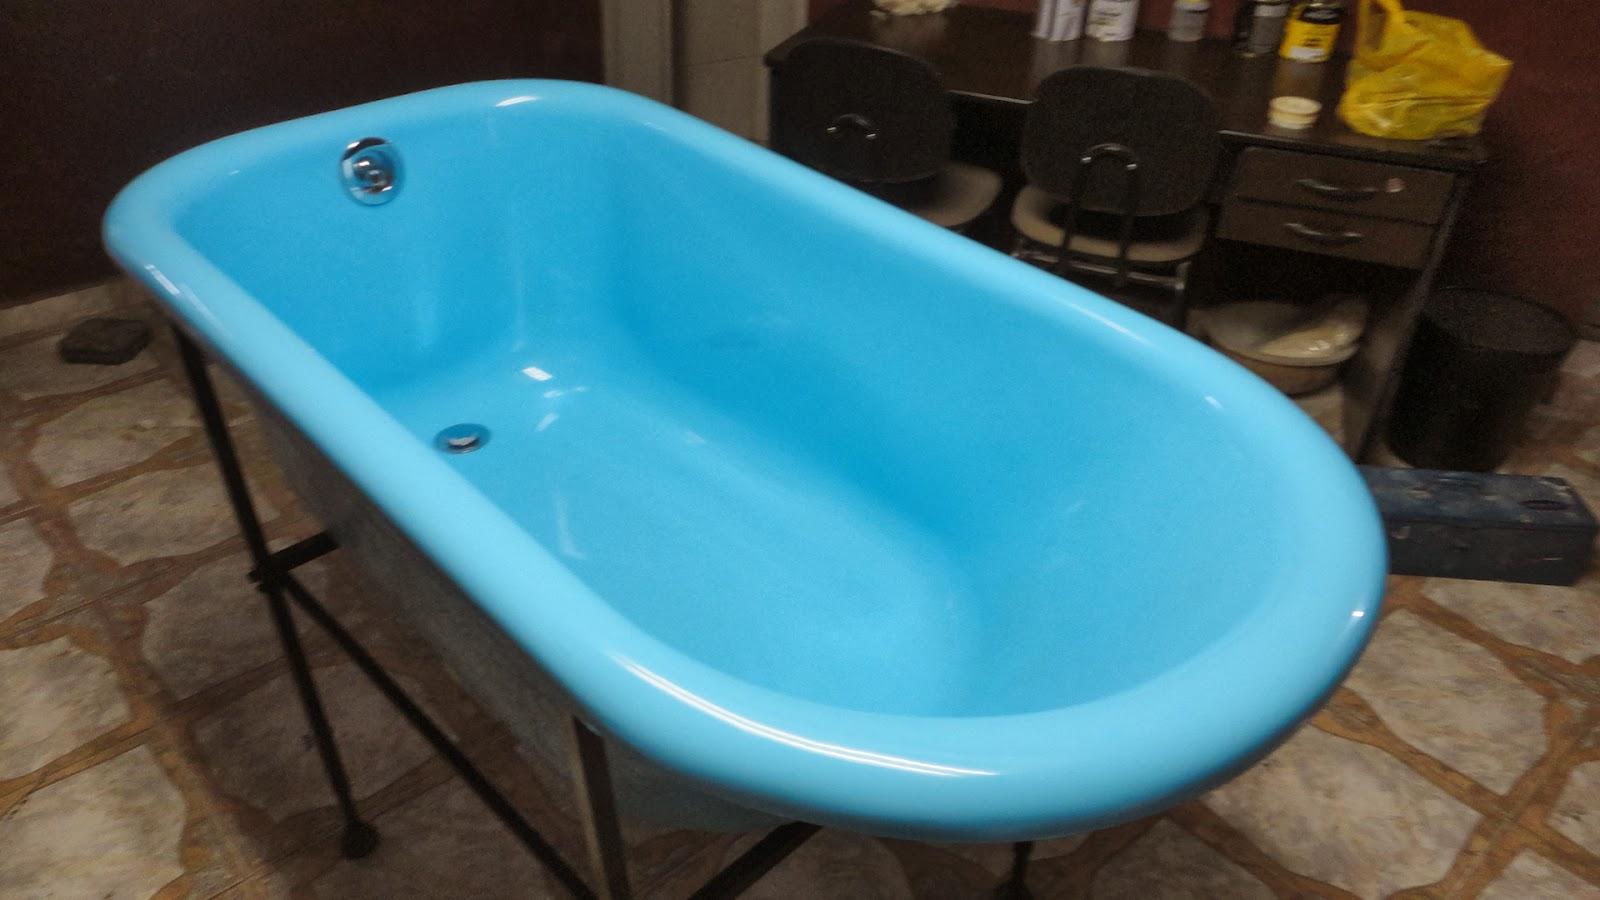 Fibra Comércio de Fibra ltda: Banheira pet shop modelo vitoriana #1E8AAD 1600x900 Banheiro Com Banheira Antiga